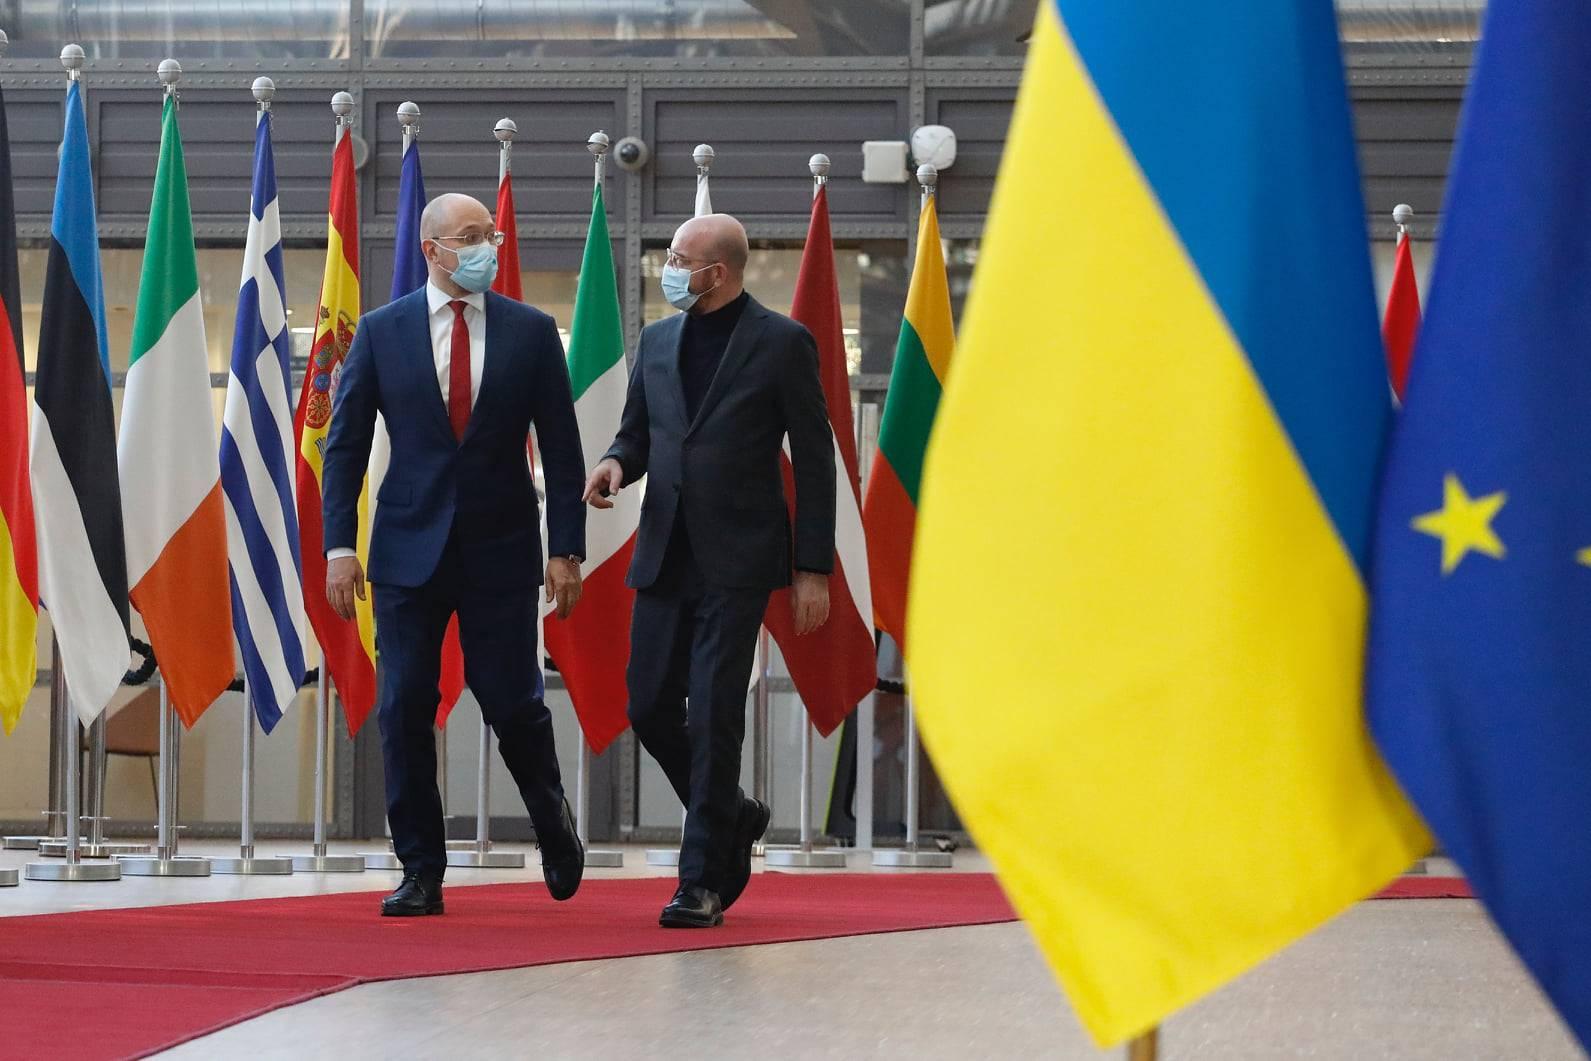 Ані Україна, ані Захід не мають іншого вибору, крім як посилювати антиросійську солідарність – Портников